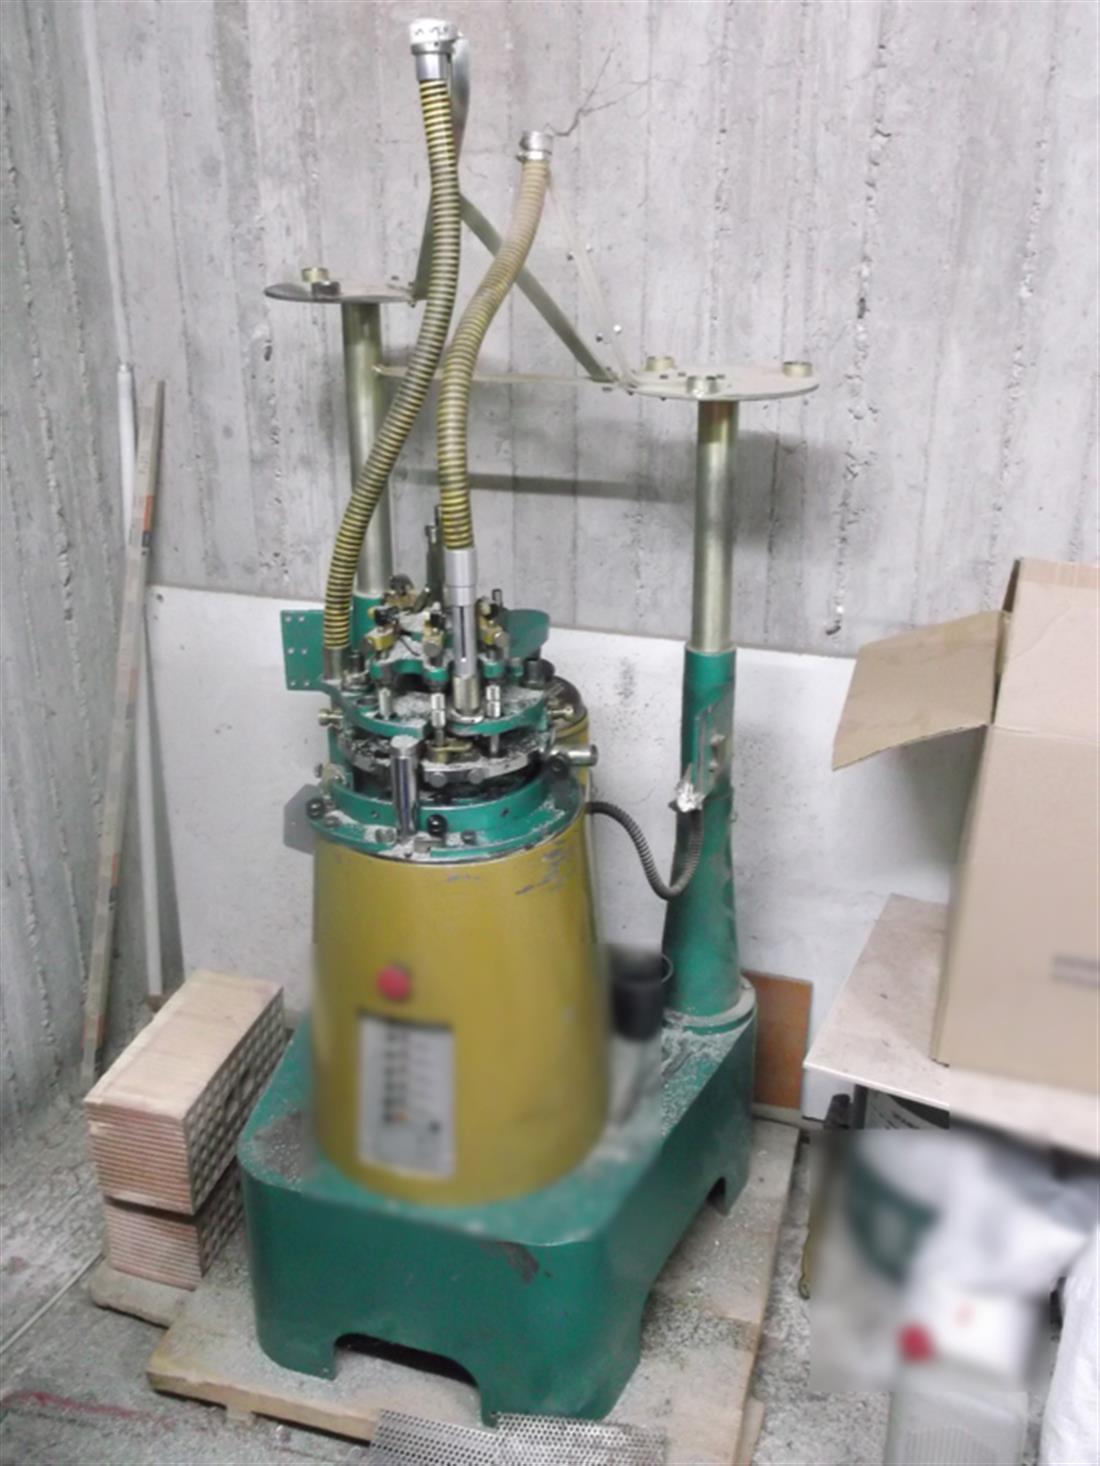 φυσίγγια - εργαστήριο - παρασκευής - αναγόμωση - Ηλεία